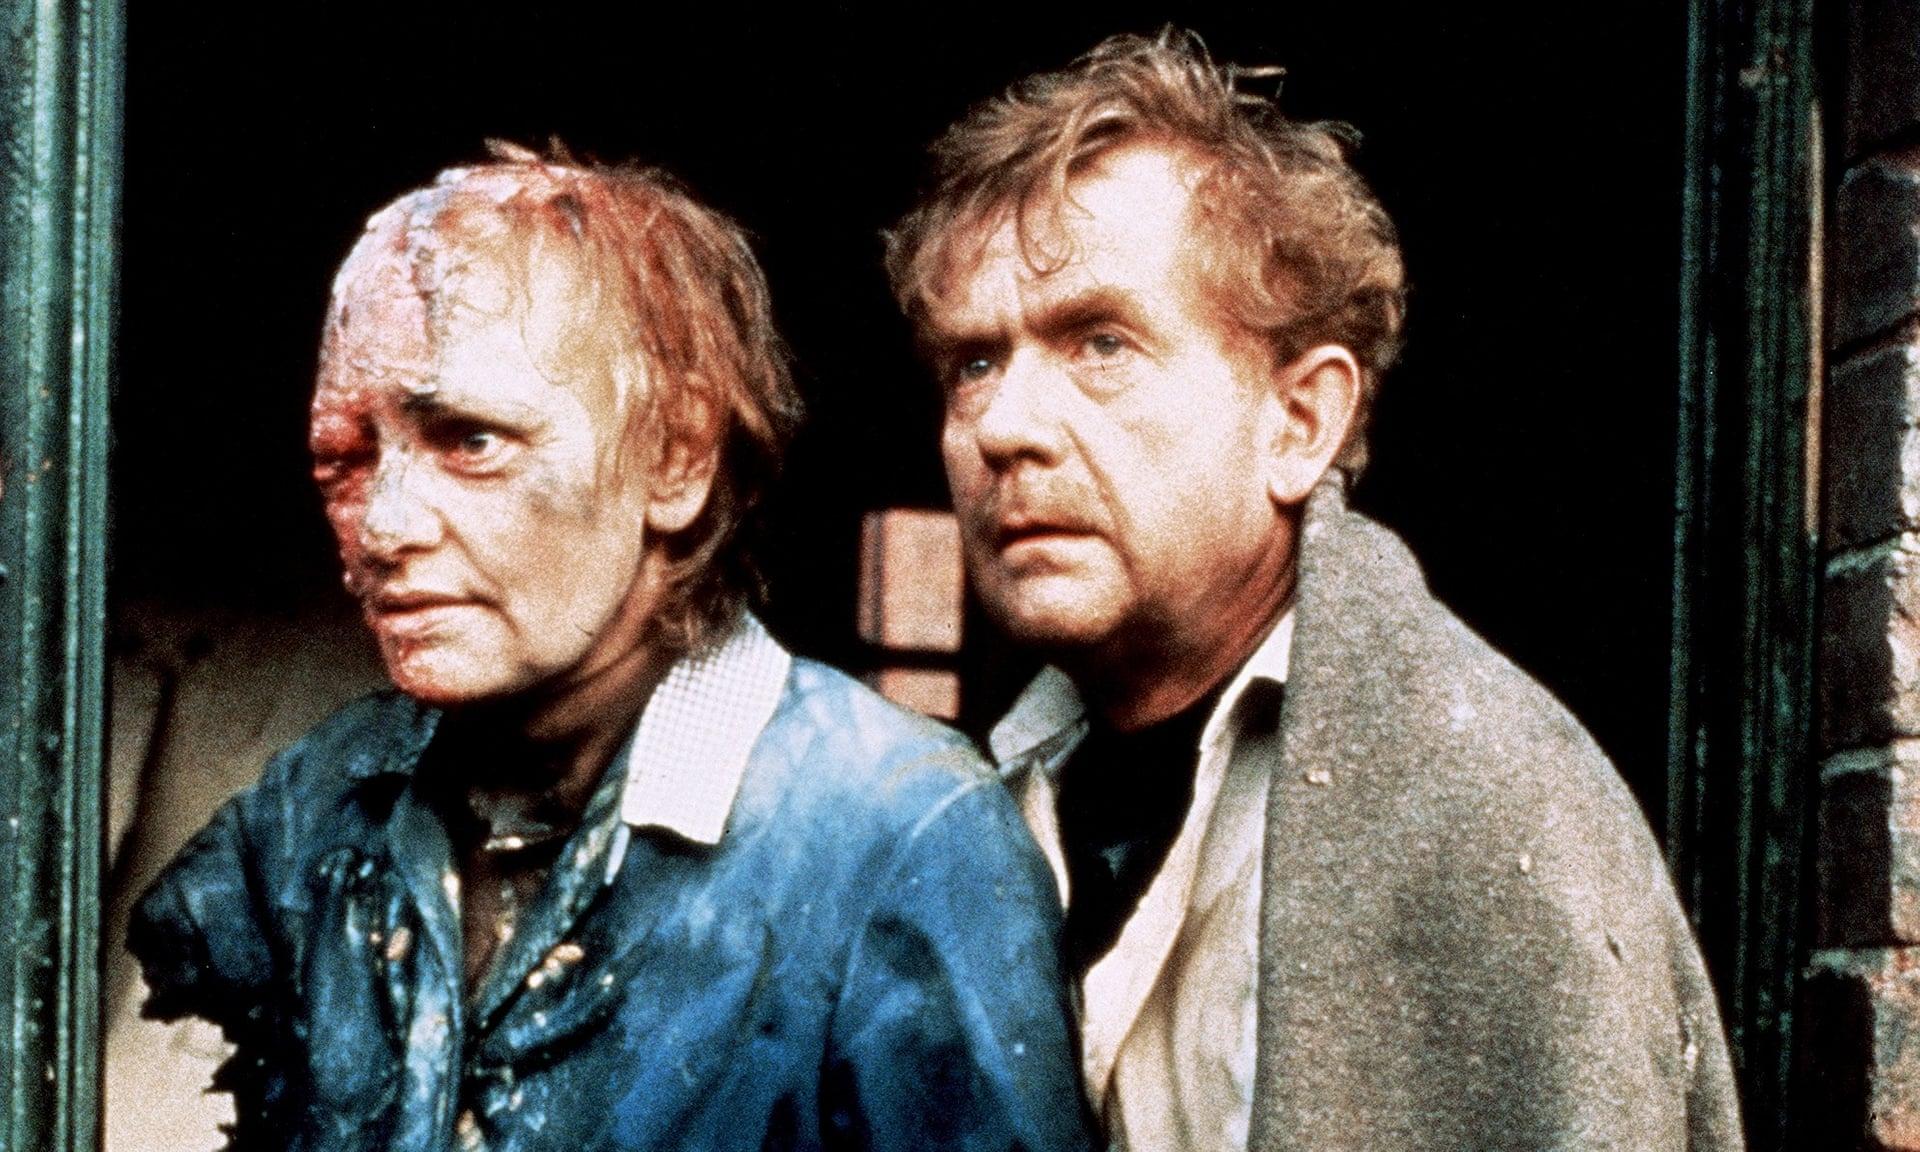 فیلم های شبیه سریال چرنوبیل Chernobyl